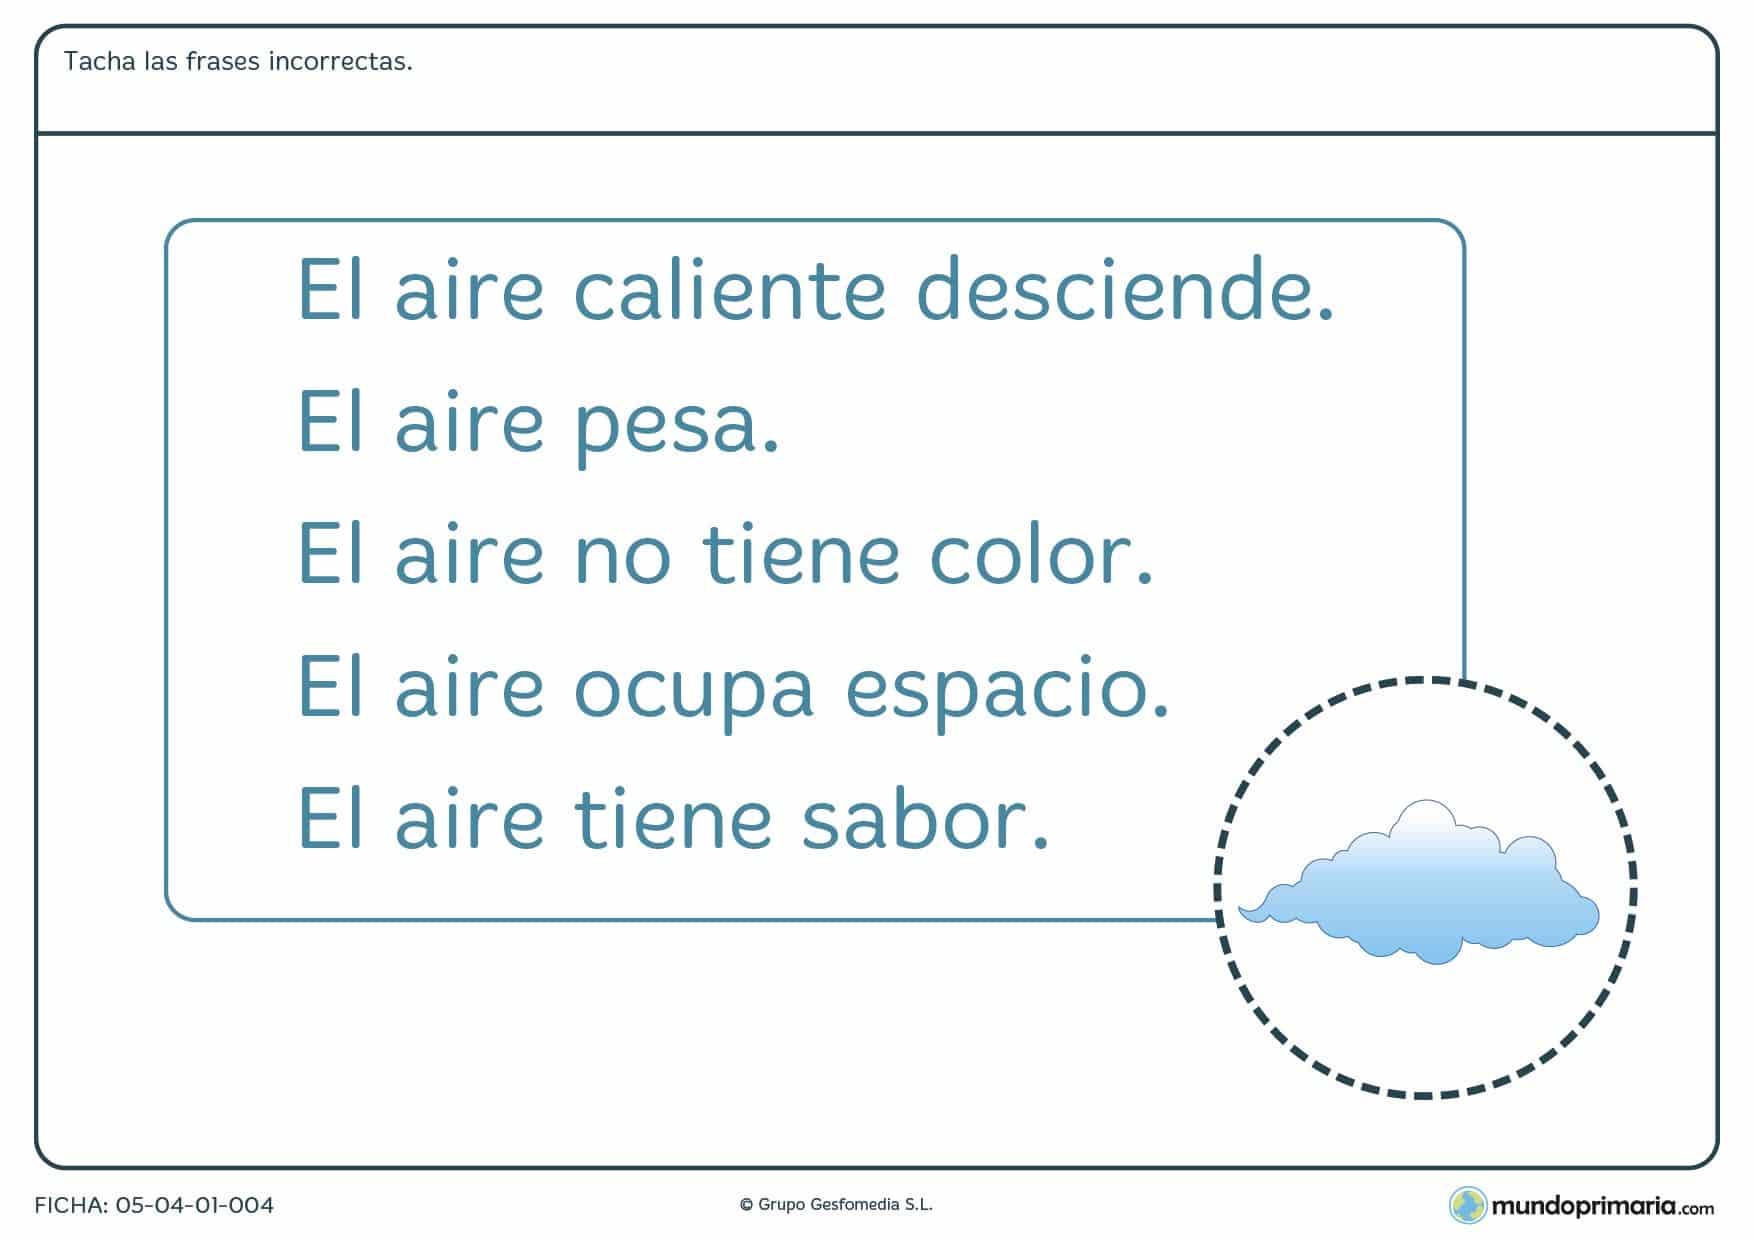 Ficha de características del aire en el que hay que tachar las frases que son incorrectas sobre el aire.